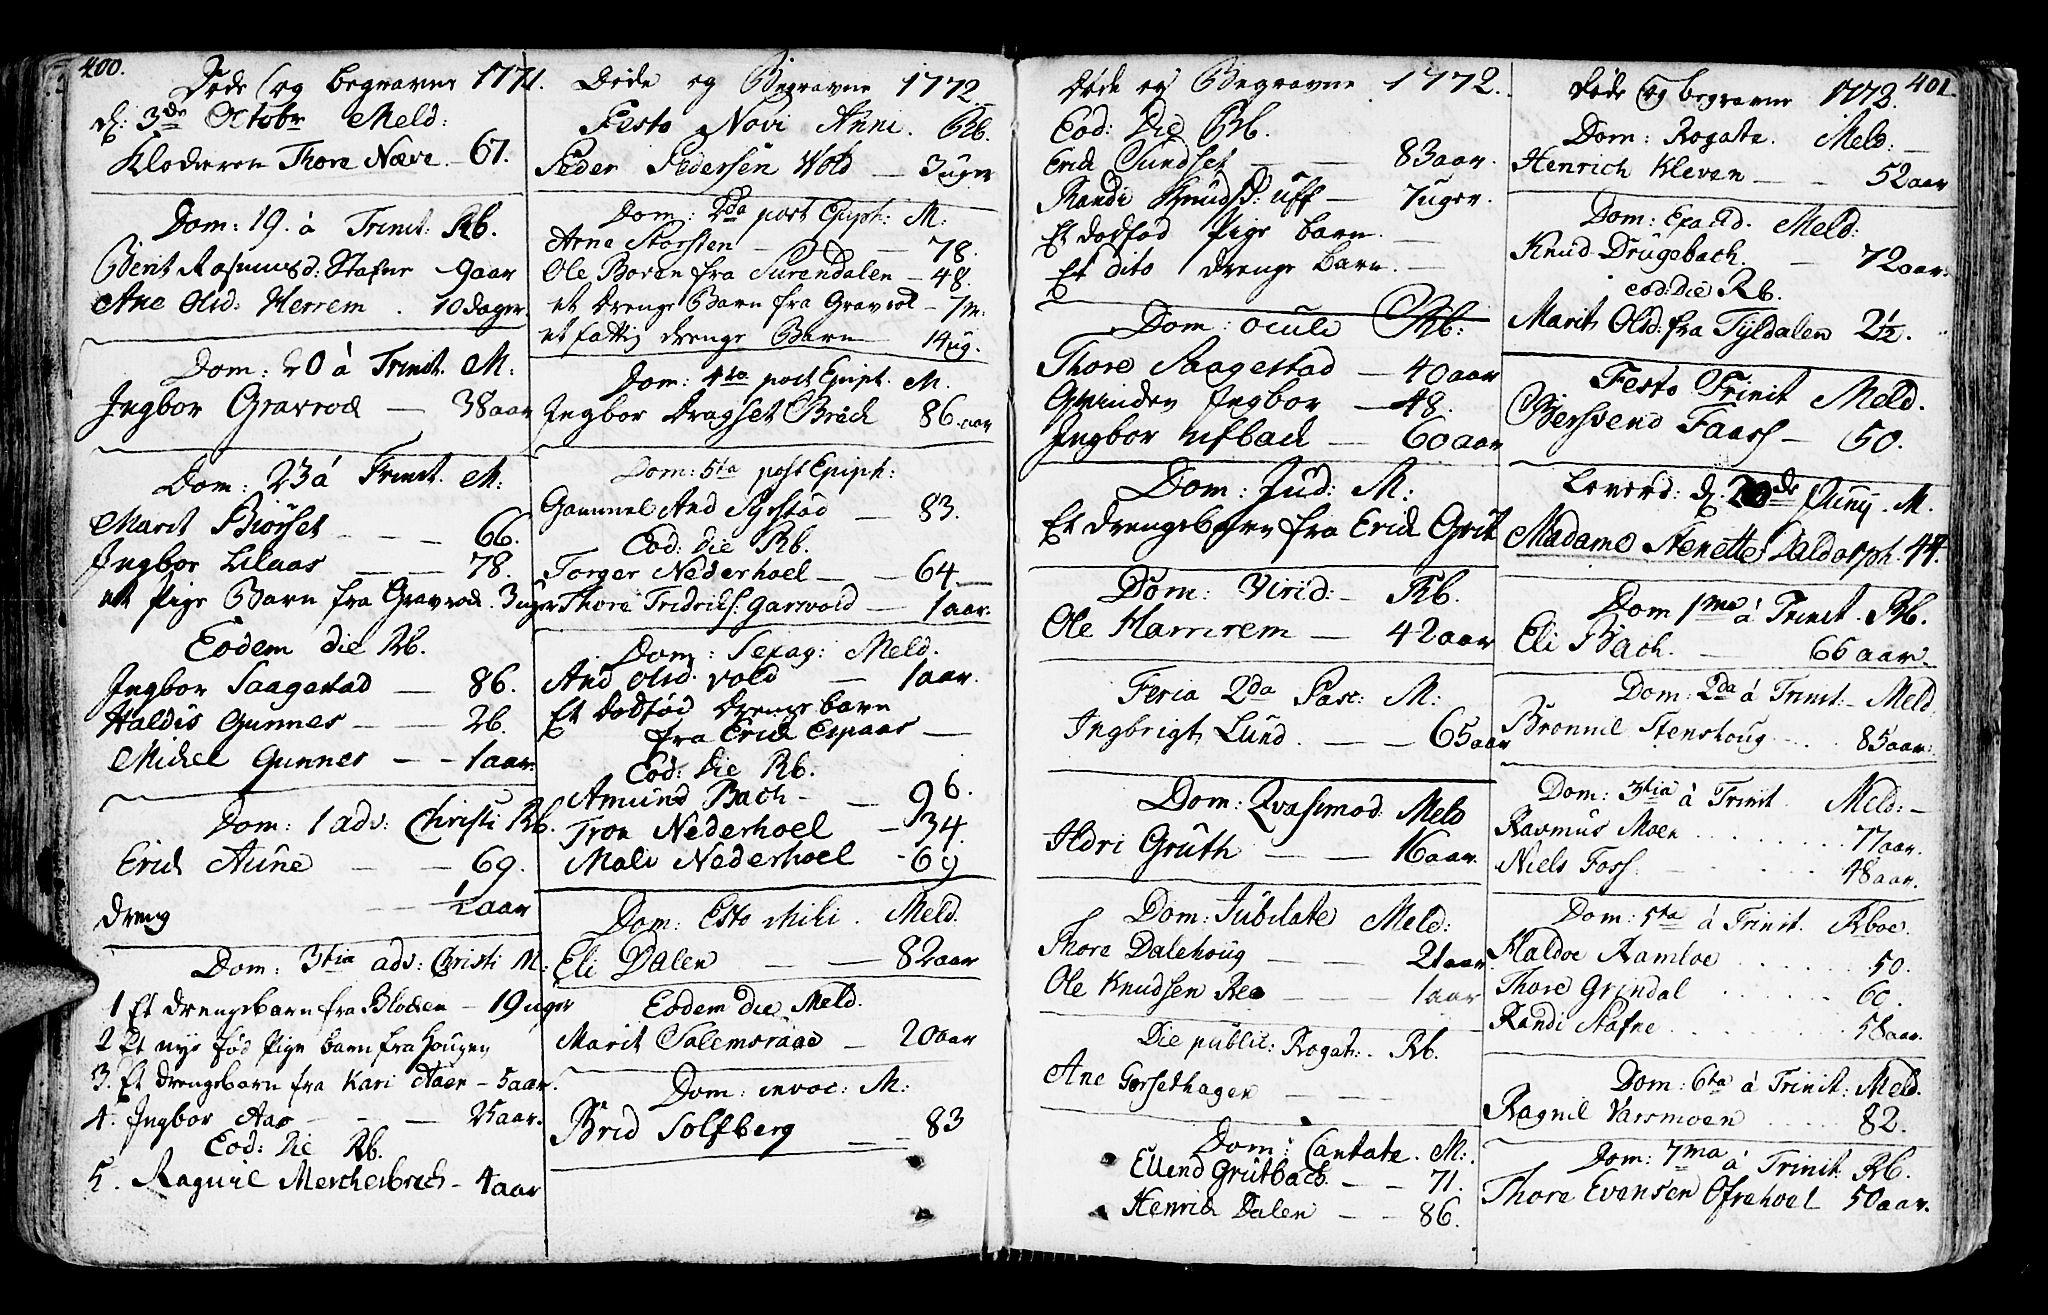 SAT, Ministerialprotokoller, klokkerbøker og fødselsregistre - Sør-Trøndelag, 672/L0851: Ministerialbok nr. 672A04, 1751-1775, s. 400-401